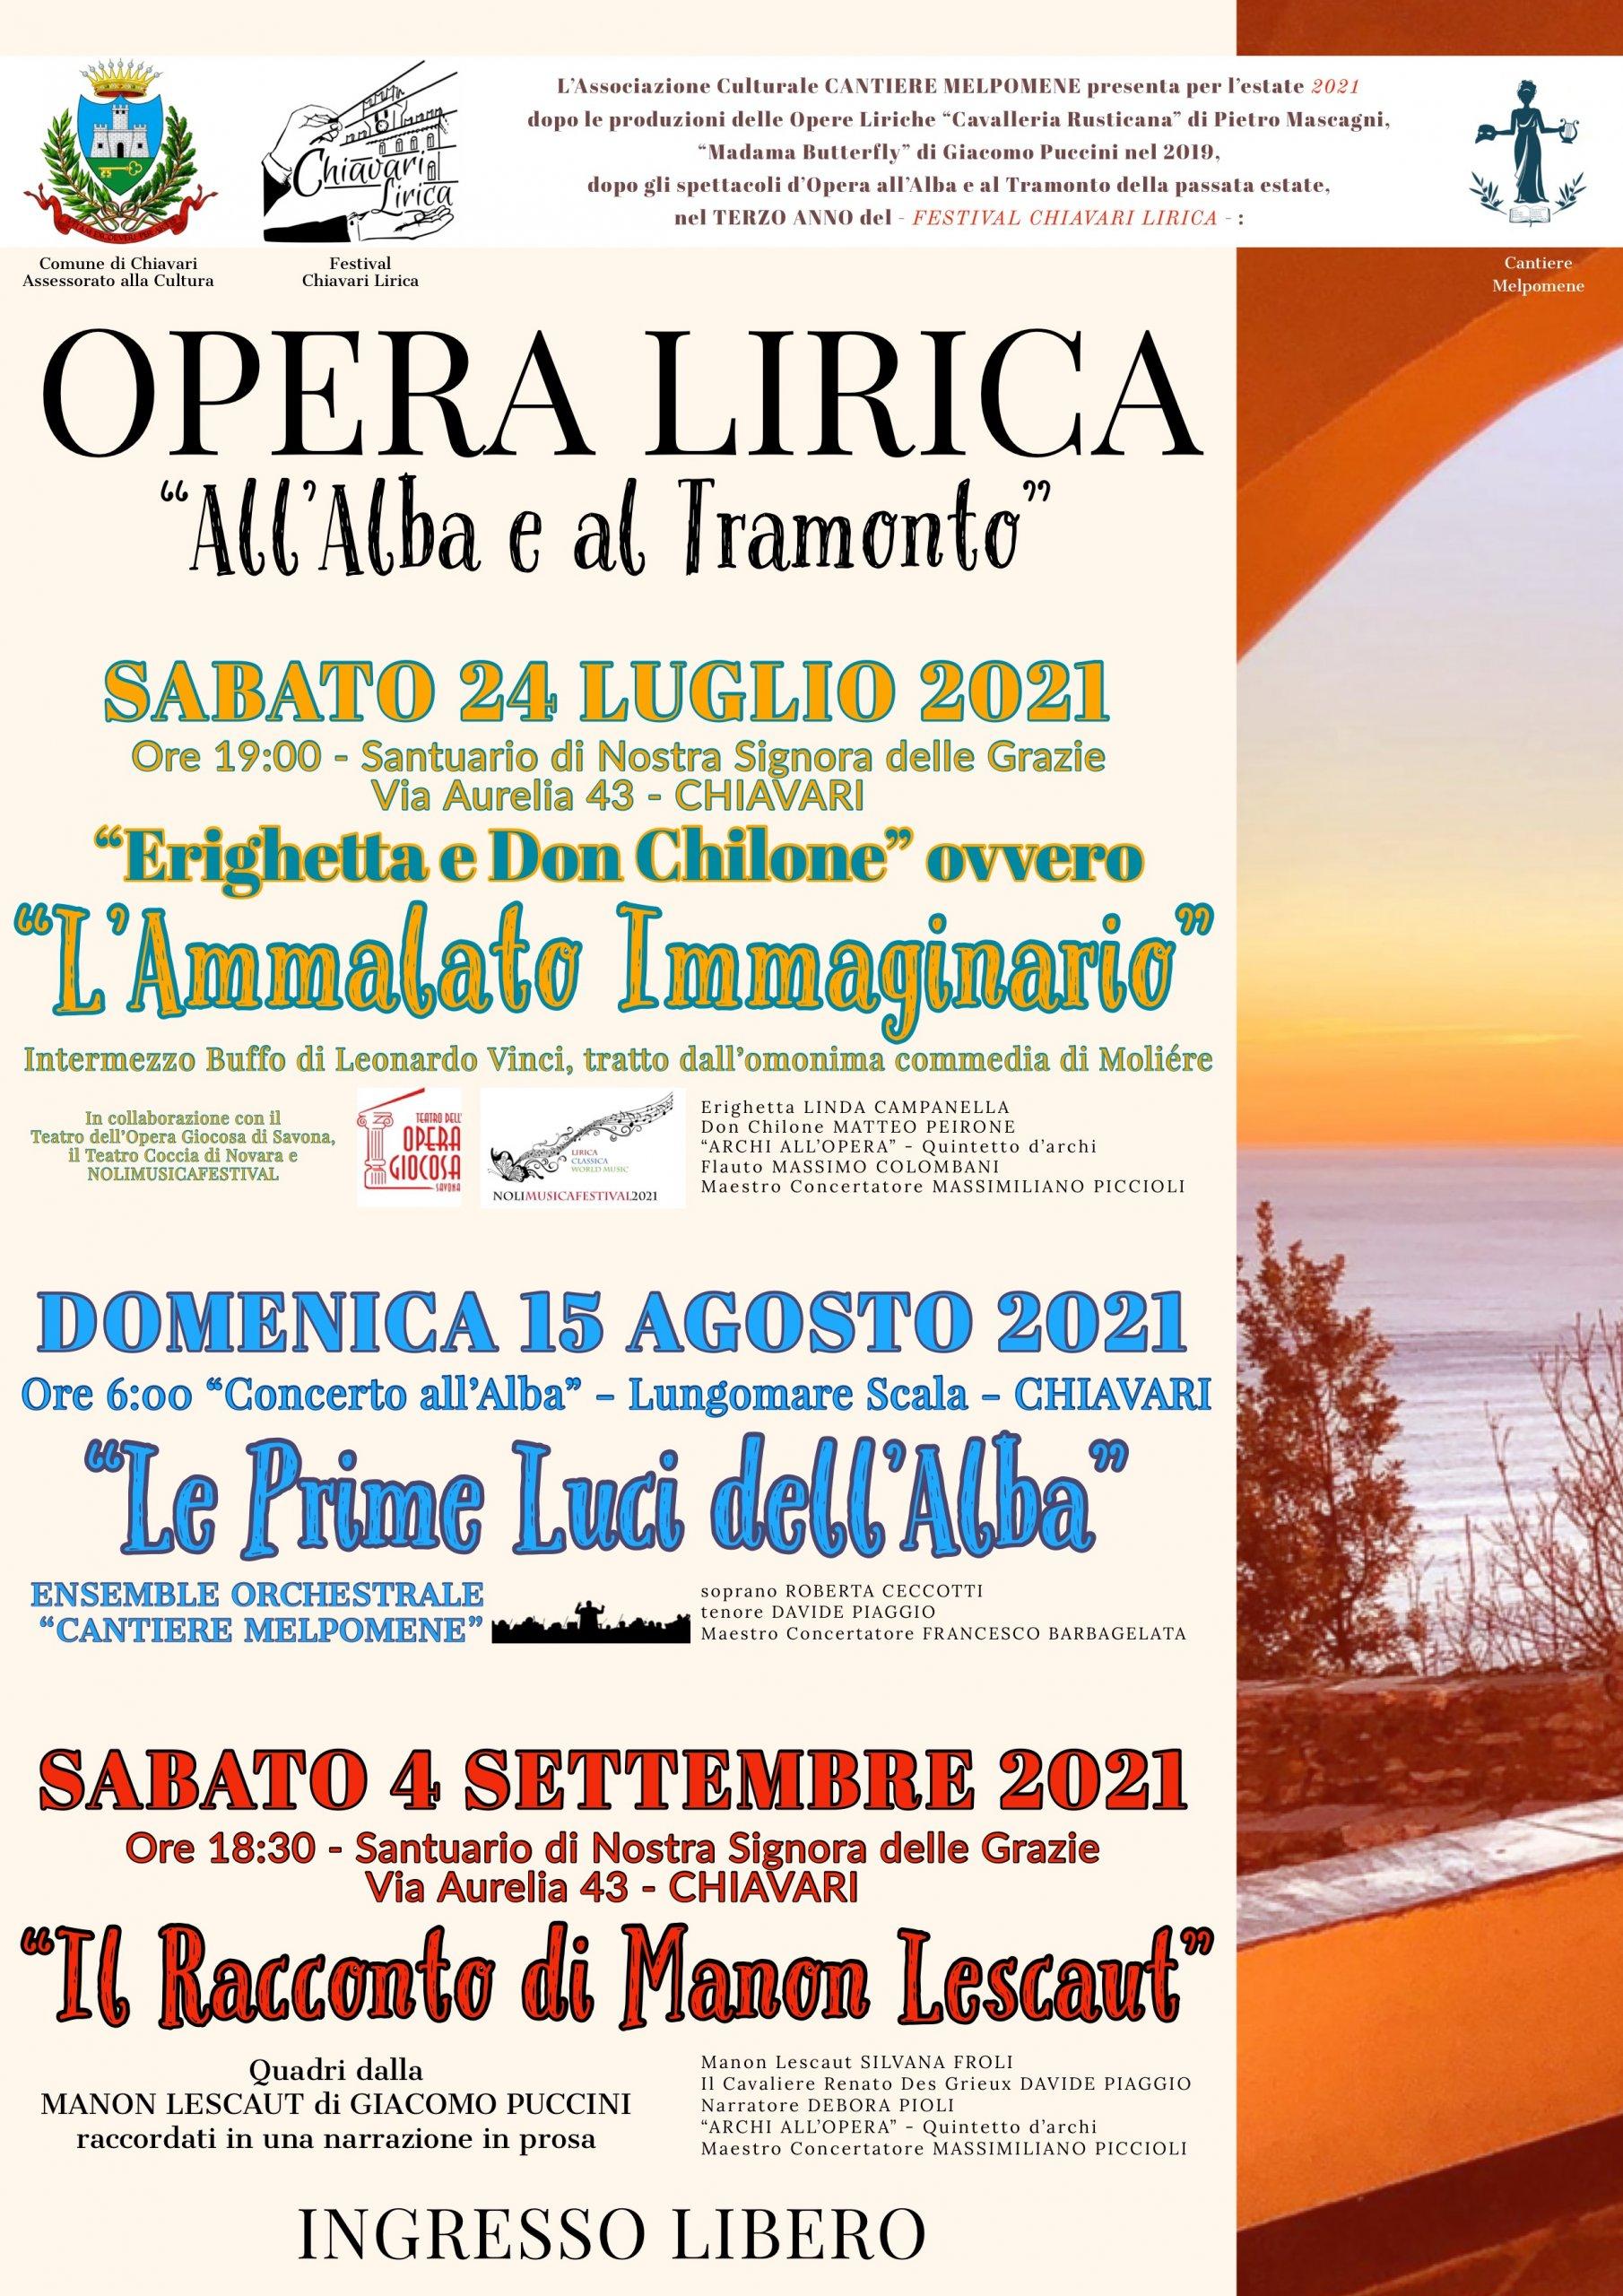 Guarda questa foto sull'evento Festival Opera Lirica, Concerti all'alba e al tramonto a Chiavari